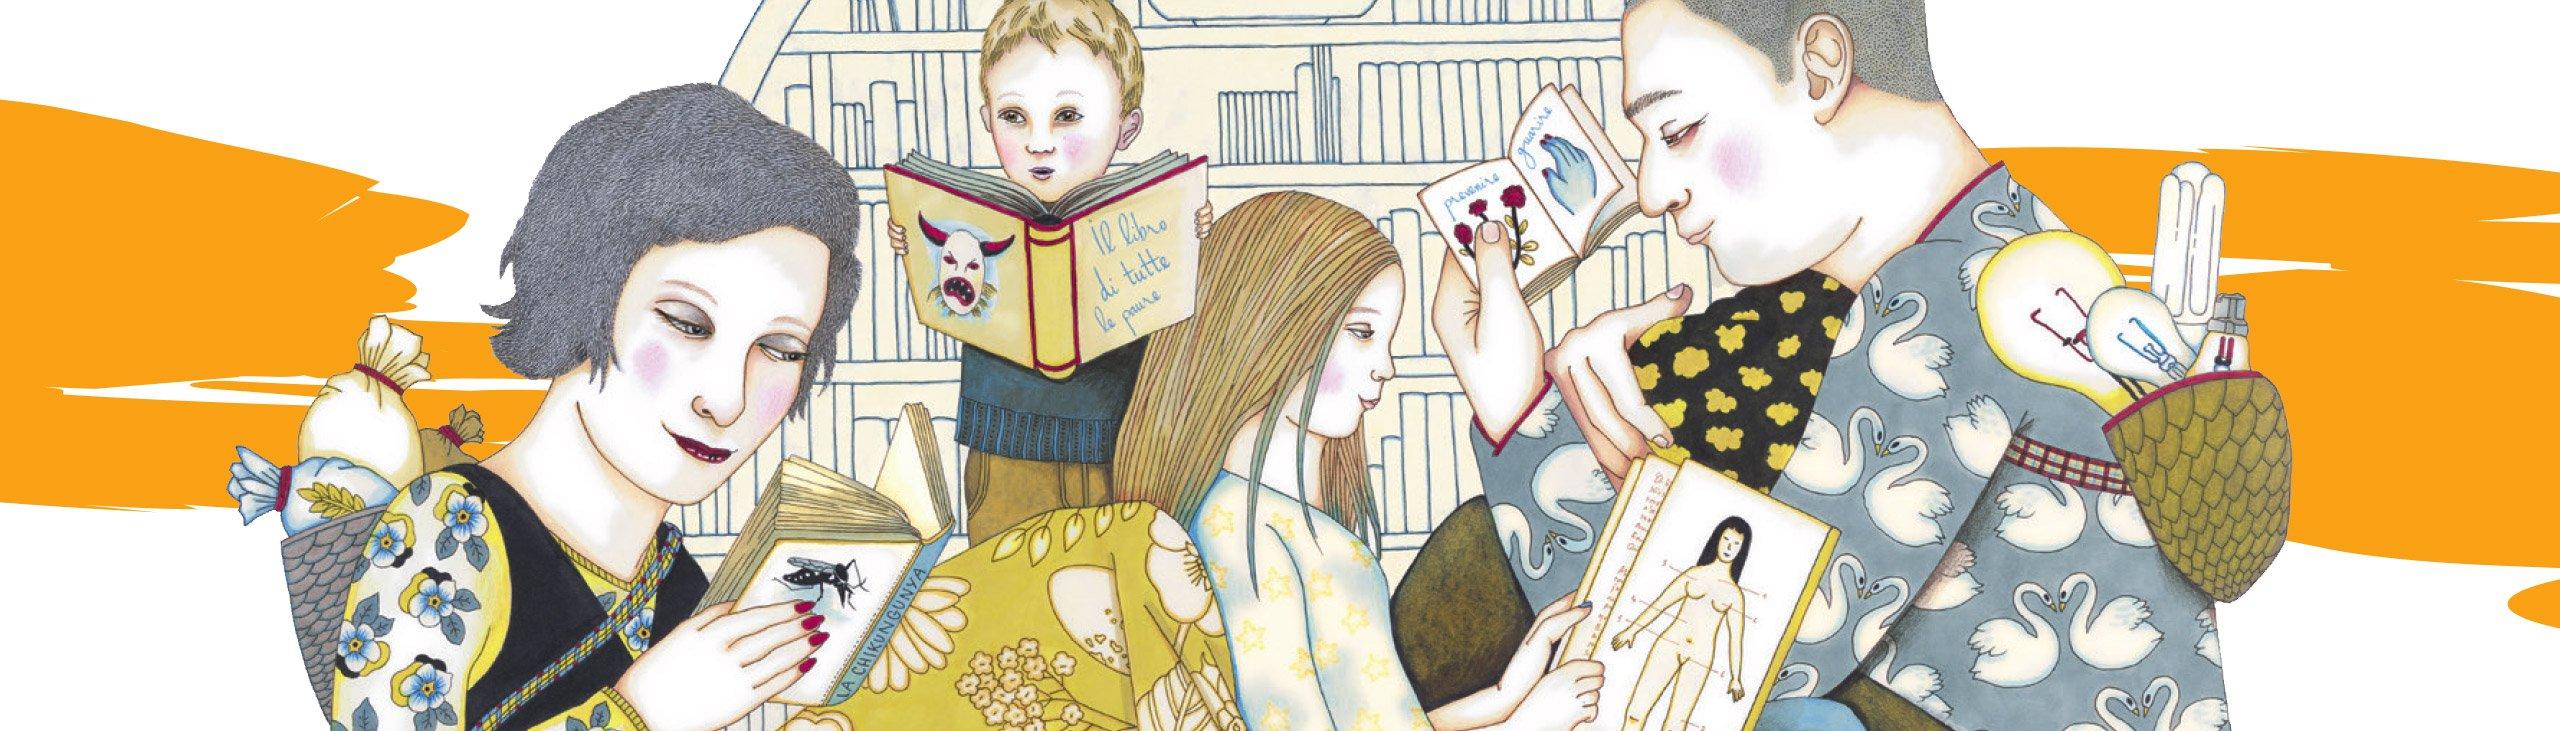 Lettura e letteratura per l'infanzia e l'adolescenza (0-18 anni)